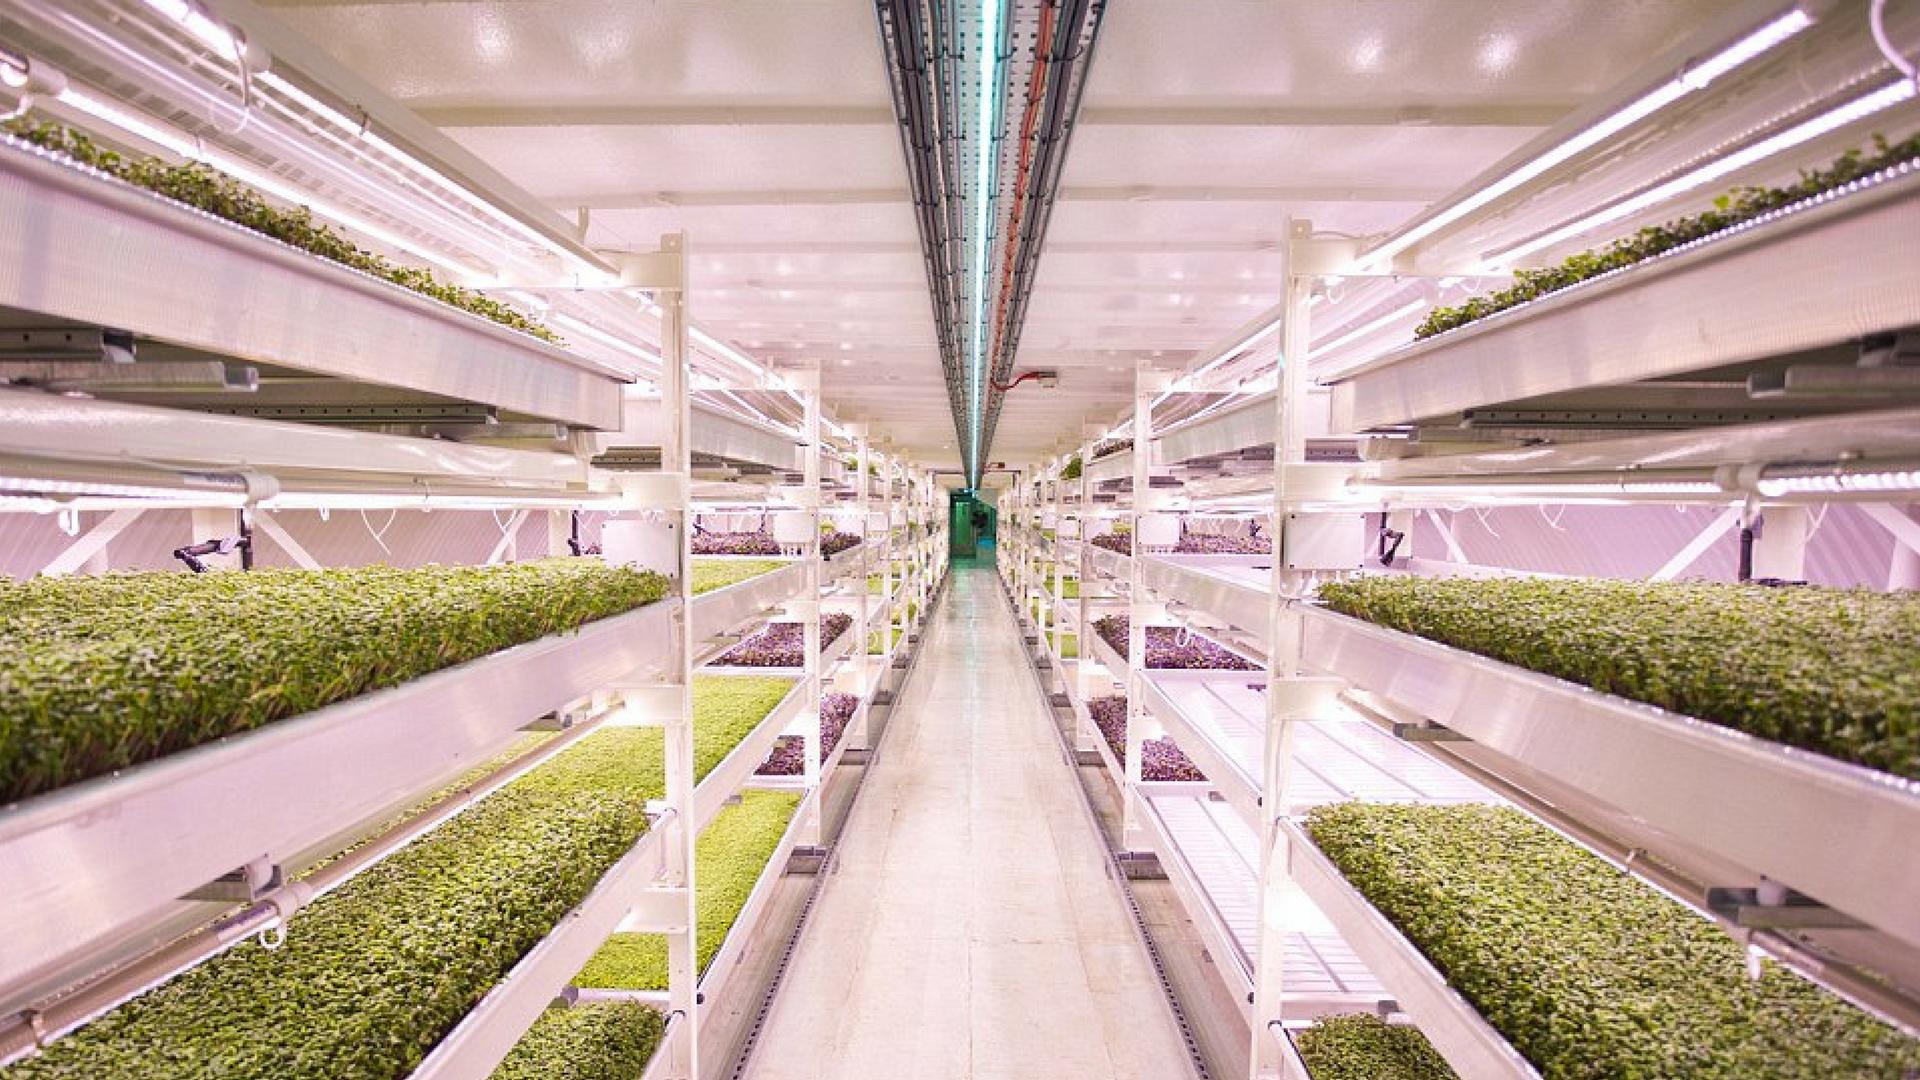 This Subterranean Farm Is Hidden 33 Metres Underneath Clapham, London